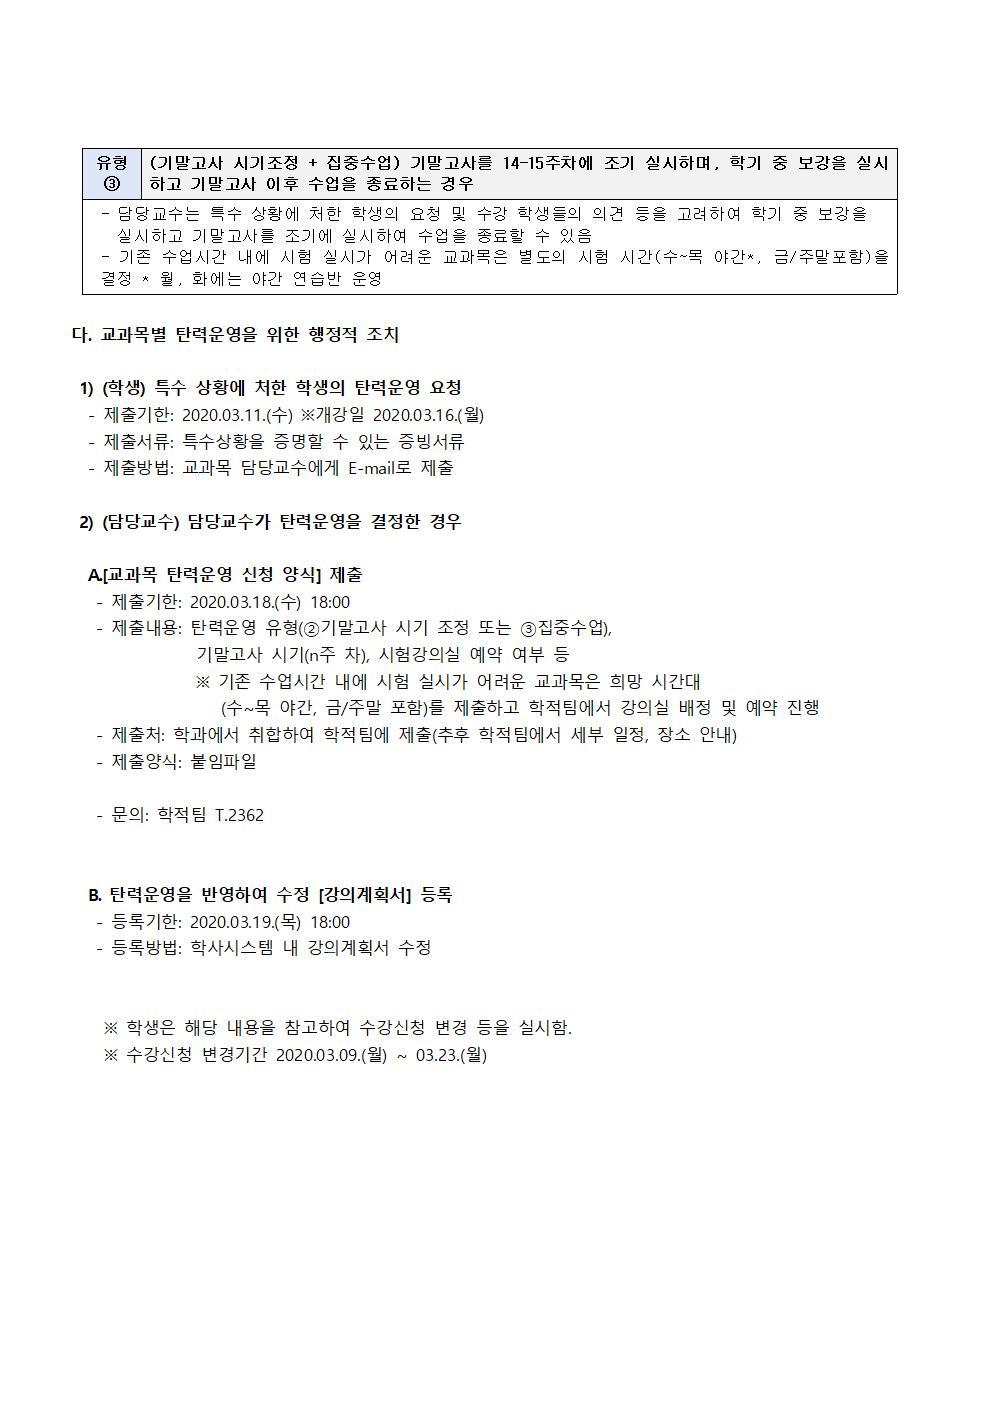 2020학년도 봄학기 학사운영 안내002.jpg